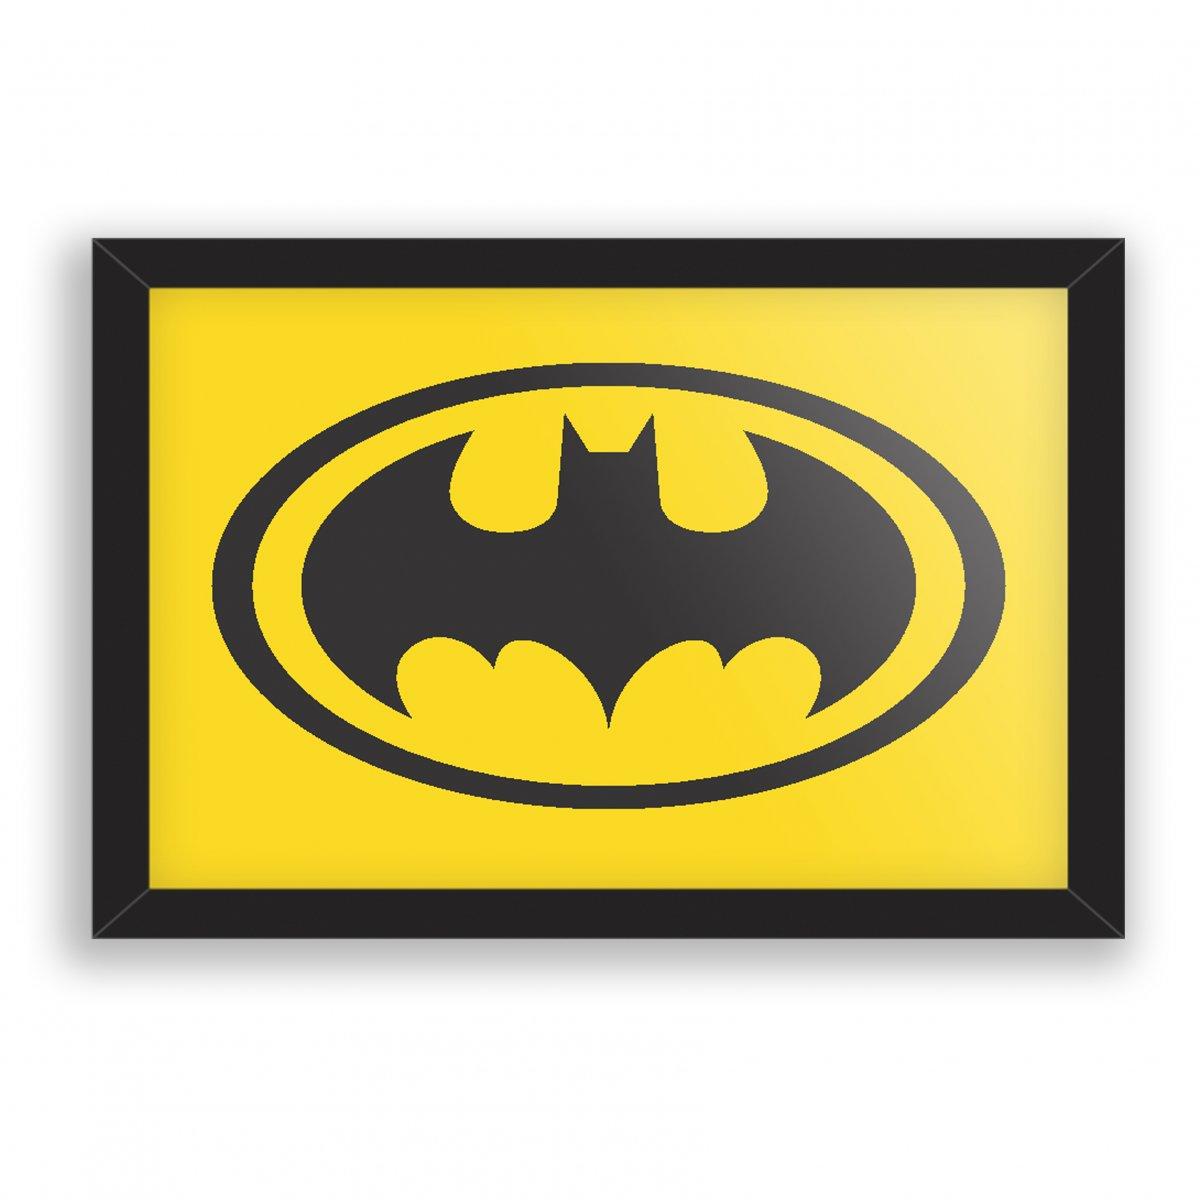 Quadro Decorativo - Batman - Ps267 36883227d67